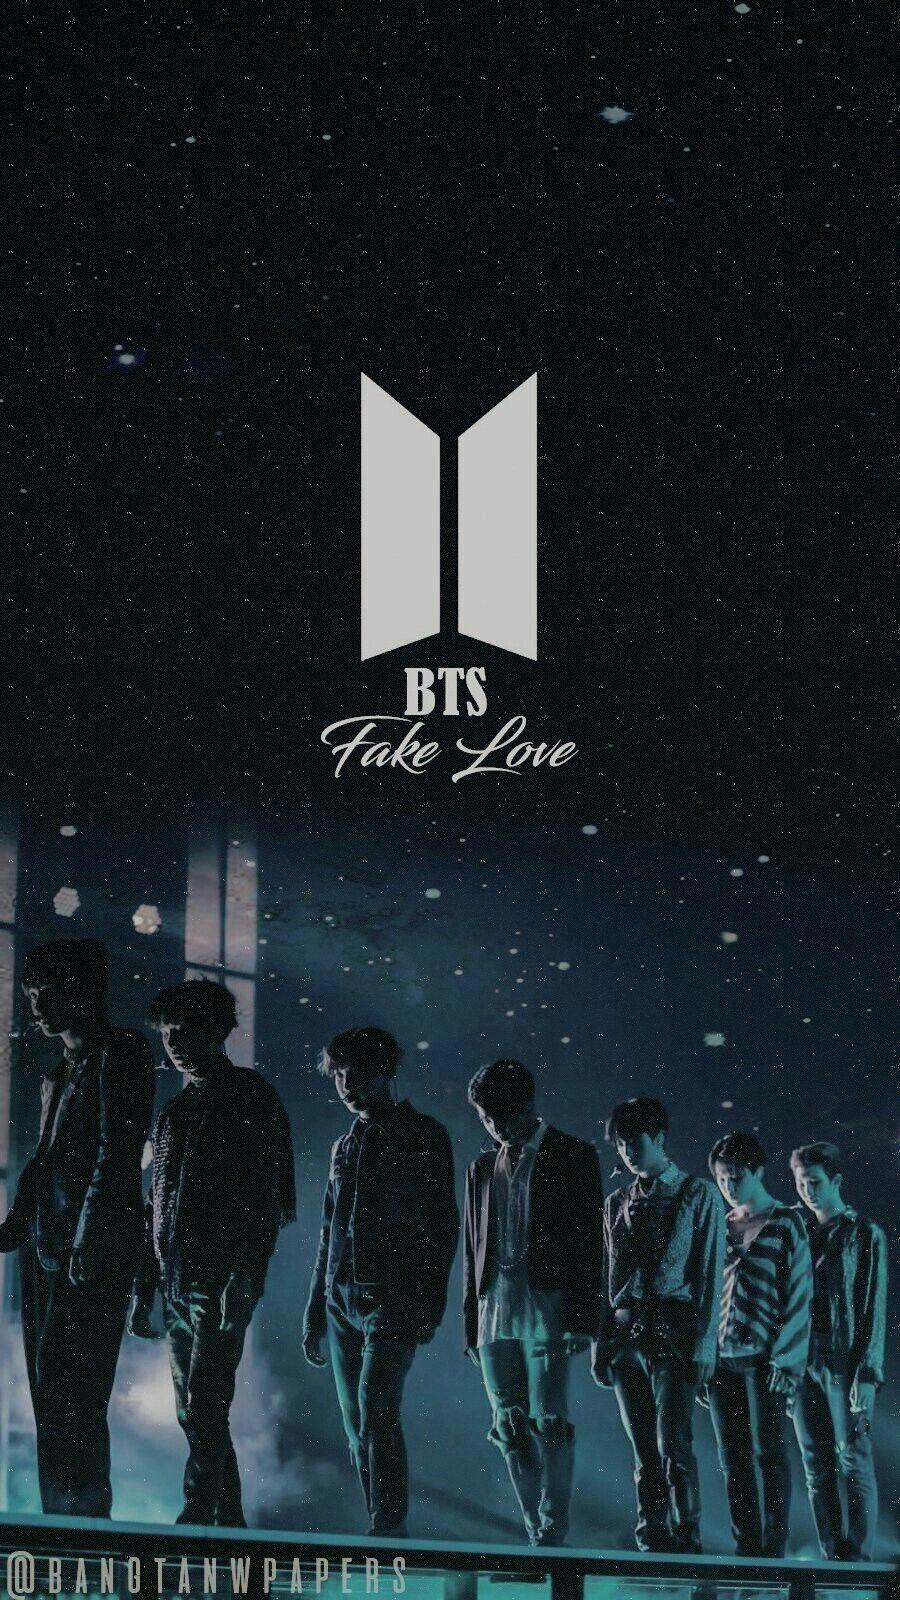 BTS Wallpaper Bts, Btshintergrundbild